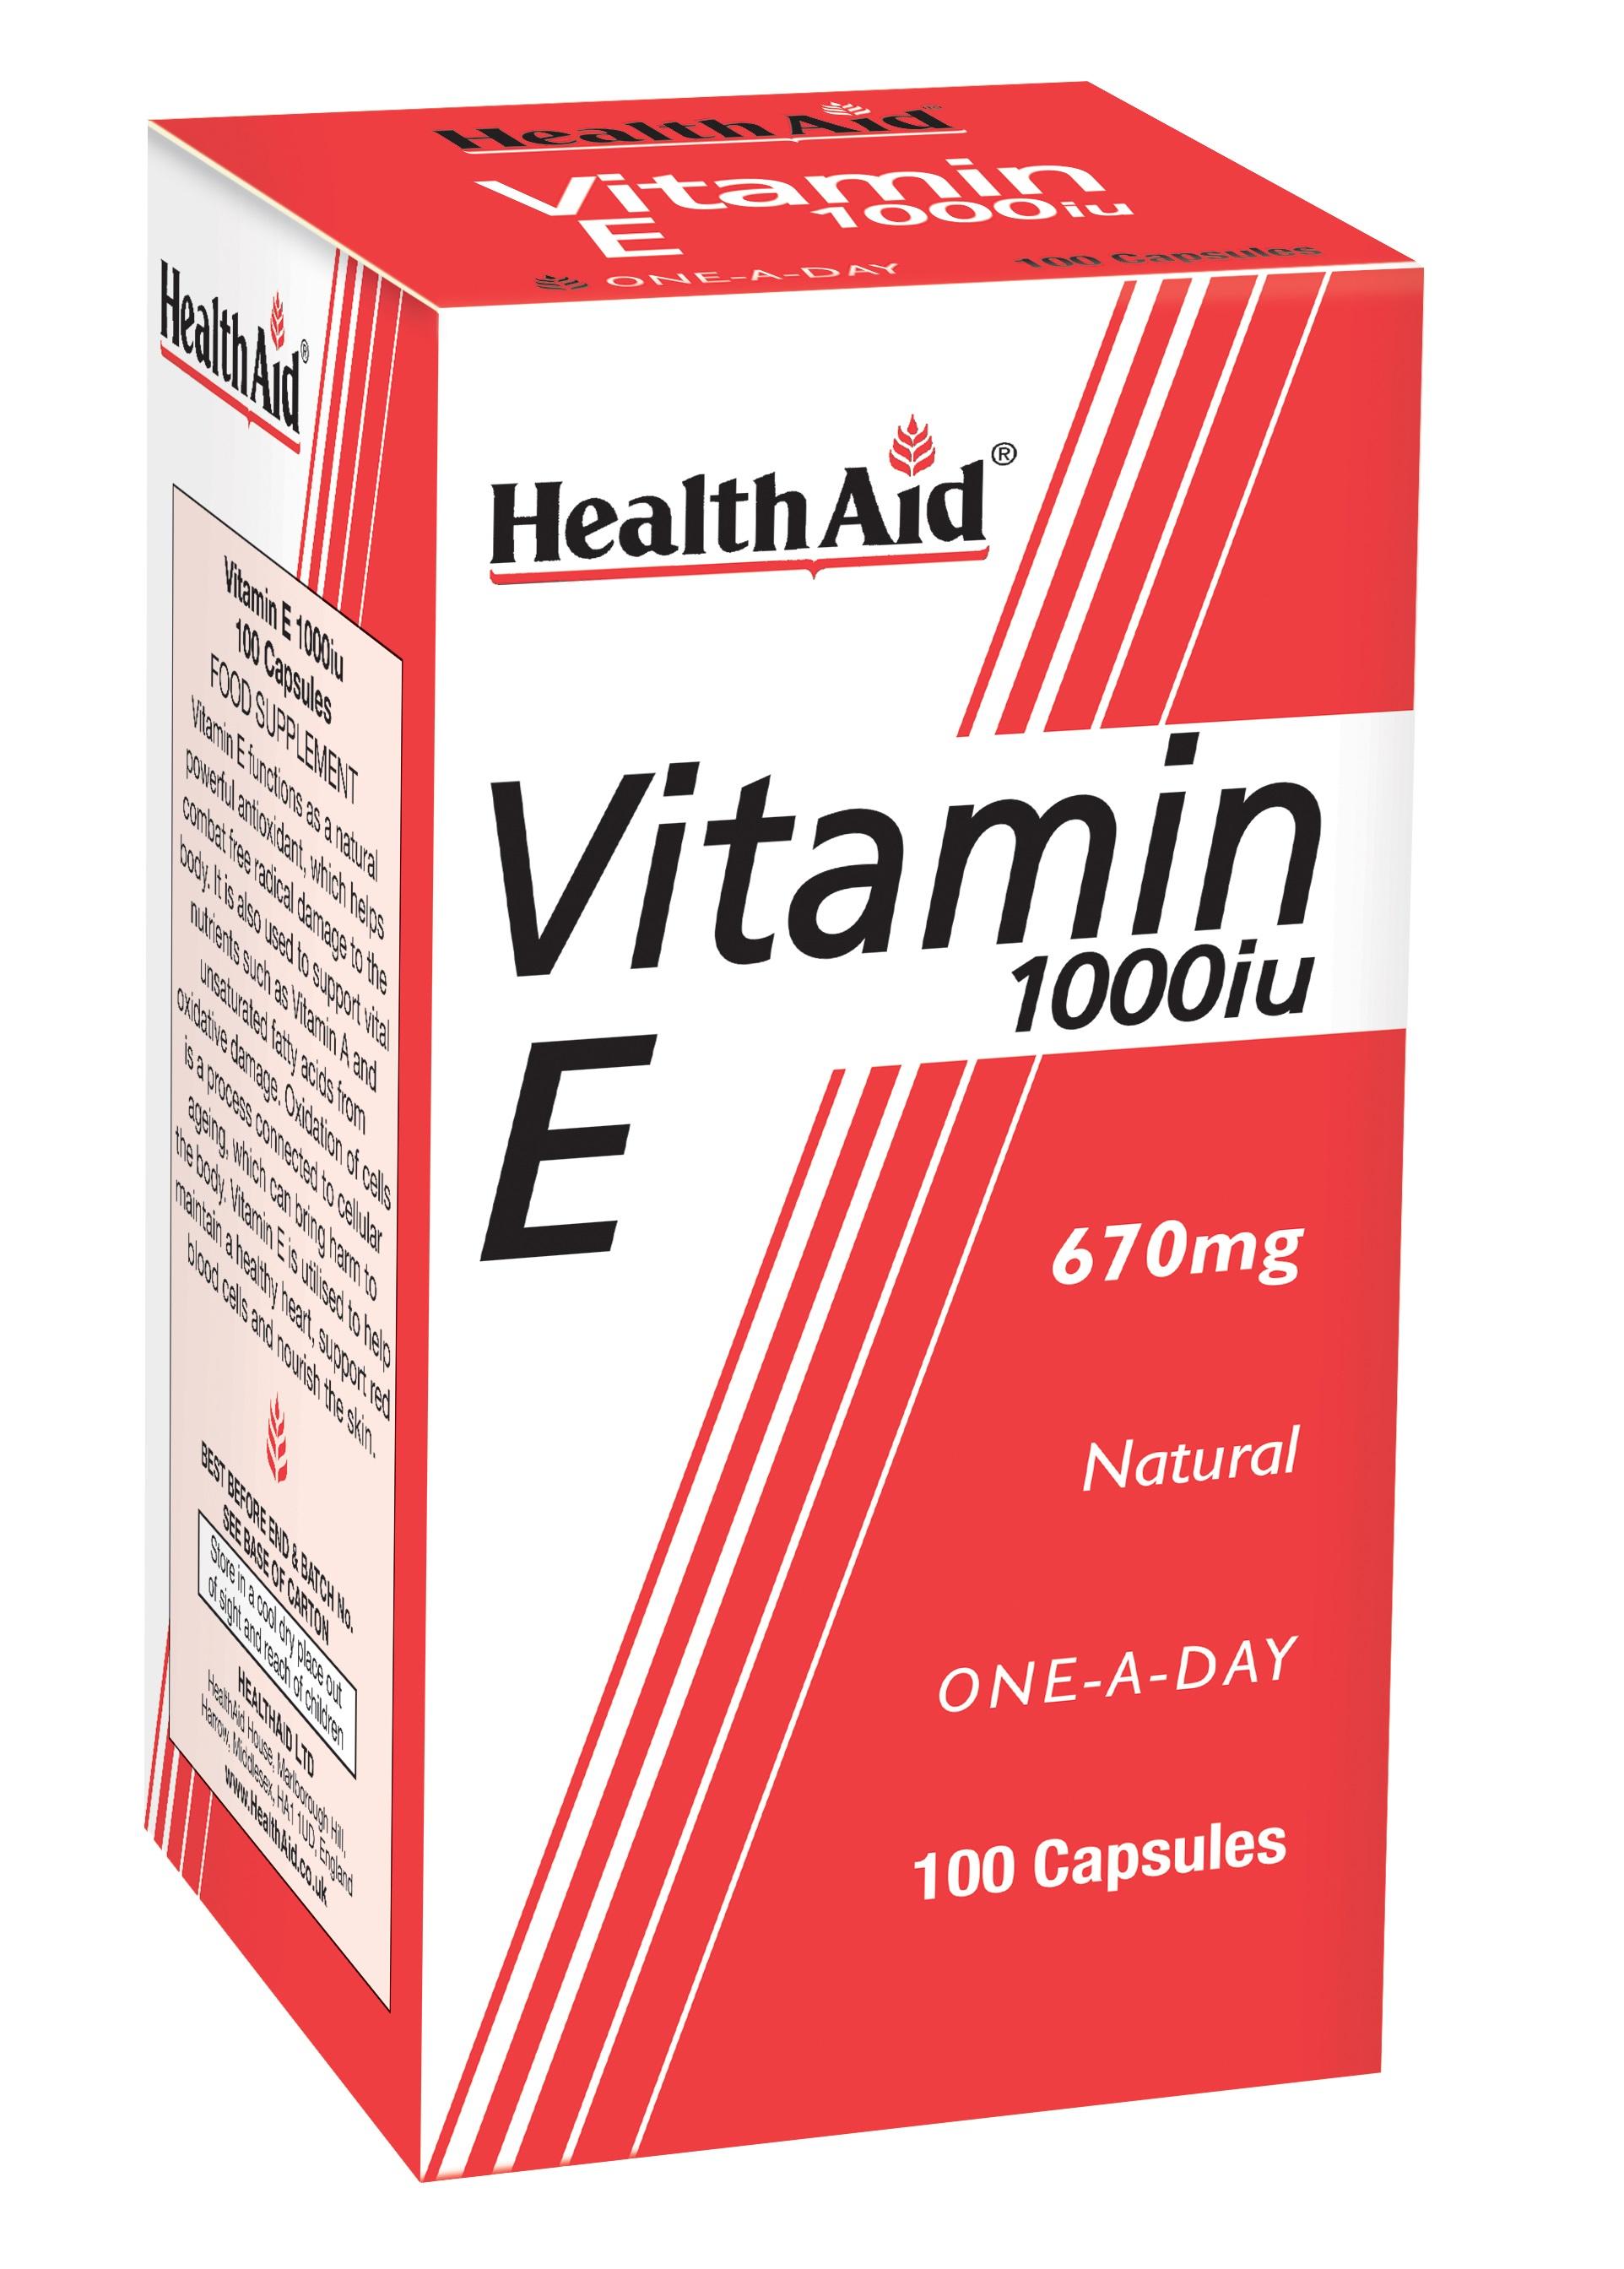 Vitamin E 1000iu 100's